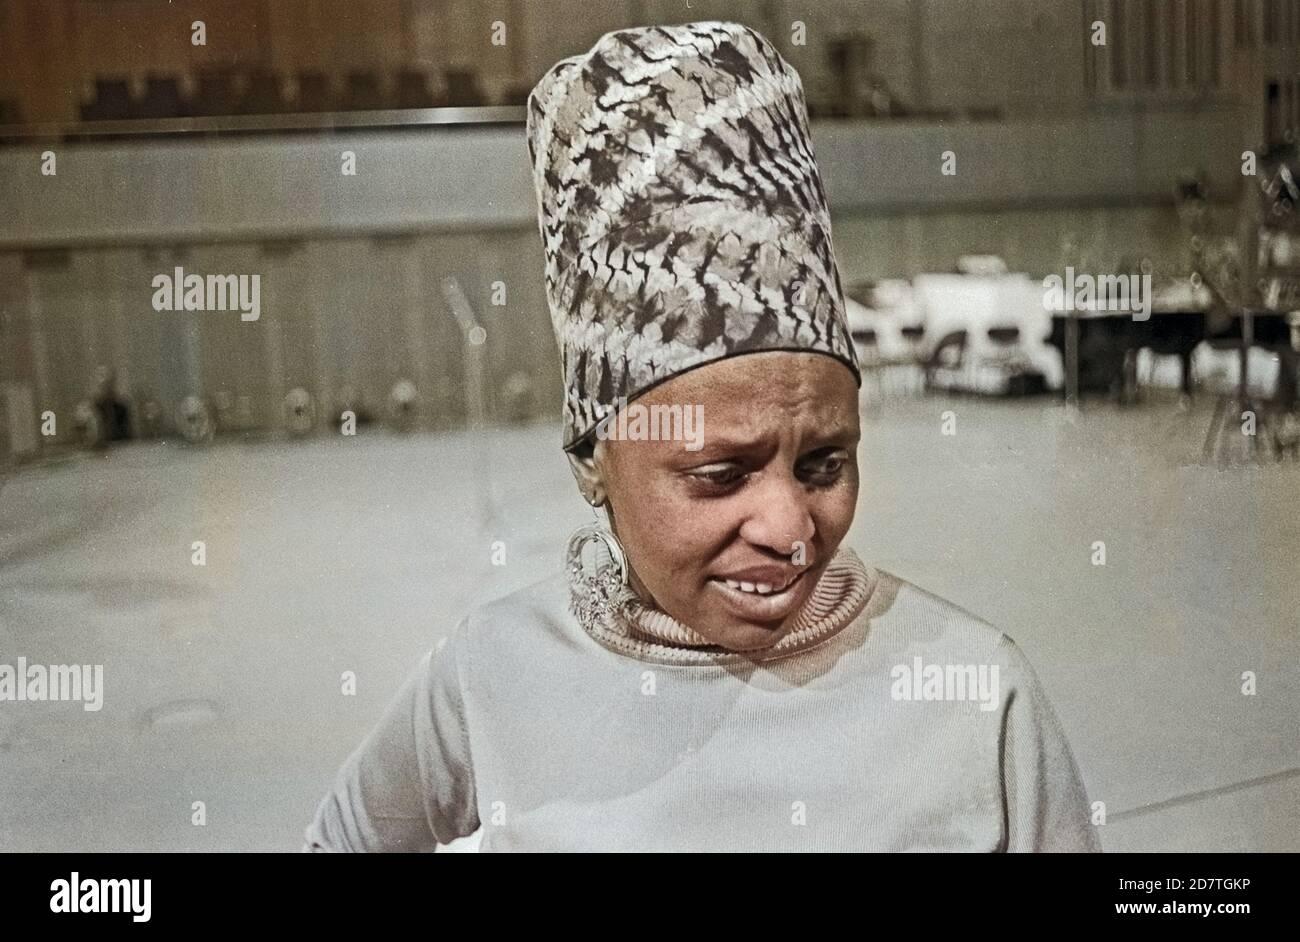 Miriam Makeba, südafrikanische Sängerin, bei Proben zu einem Konzert in Hamburg, Deutschland um 1969. South African singer Miriam Makeba doing rehearsals for a concert at Hamburg, Germany around 1969. Stock Photo